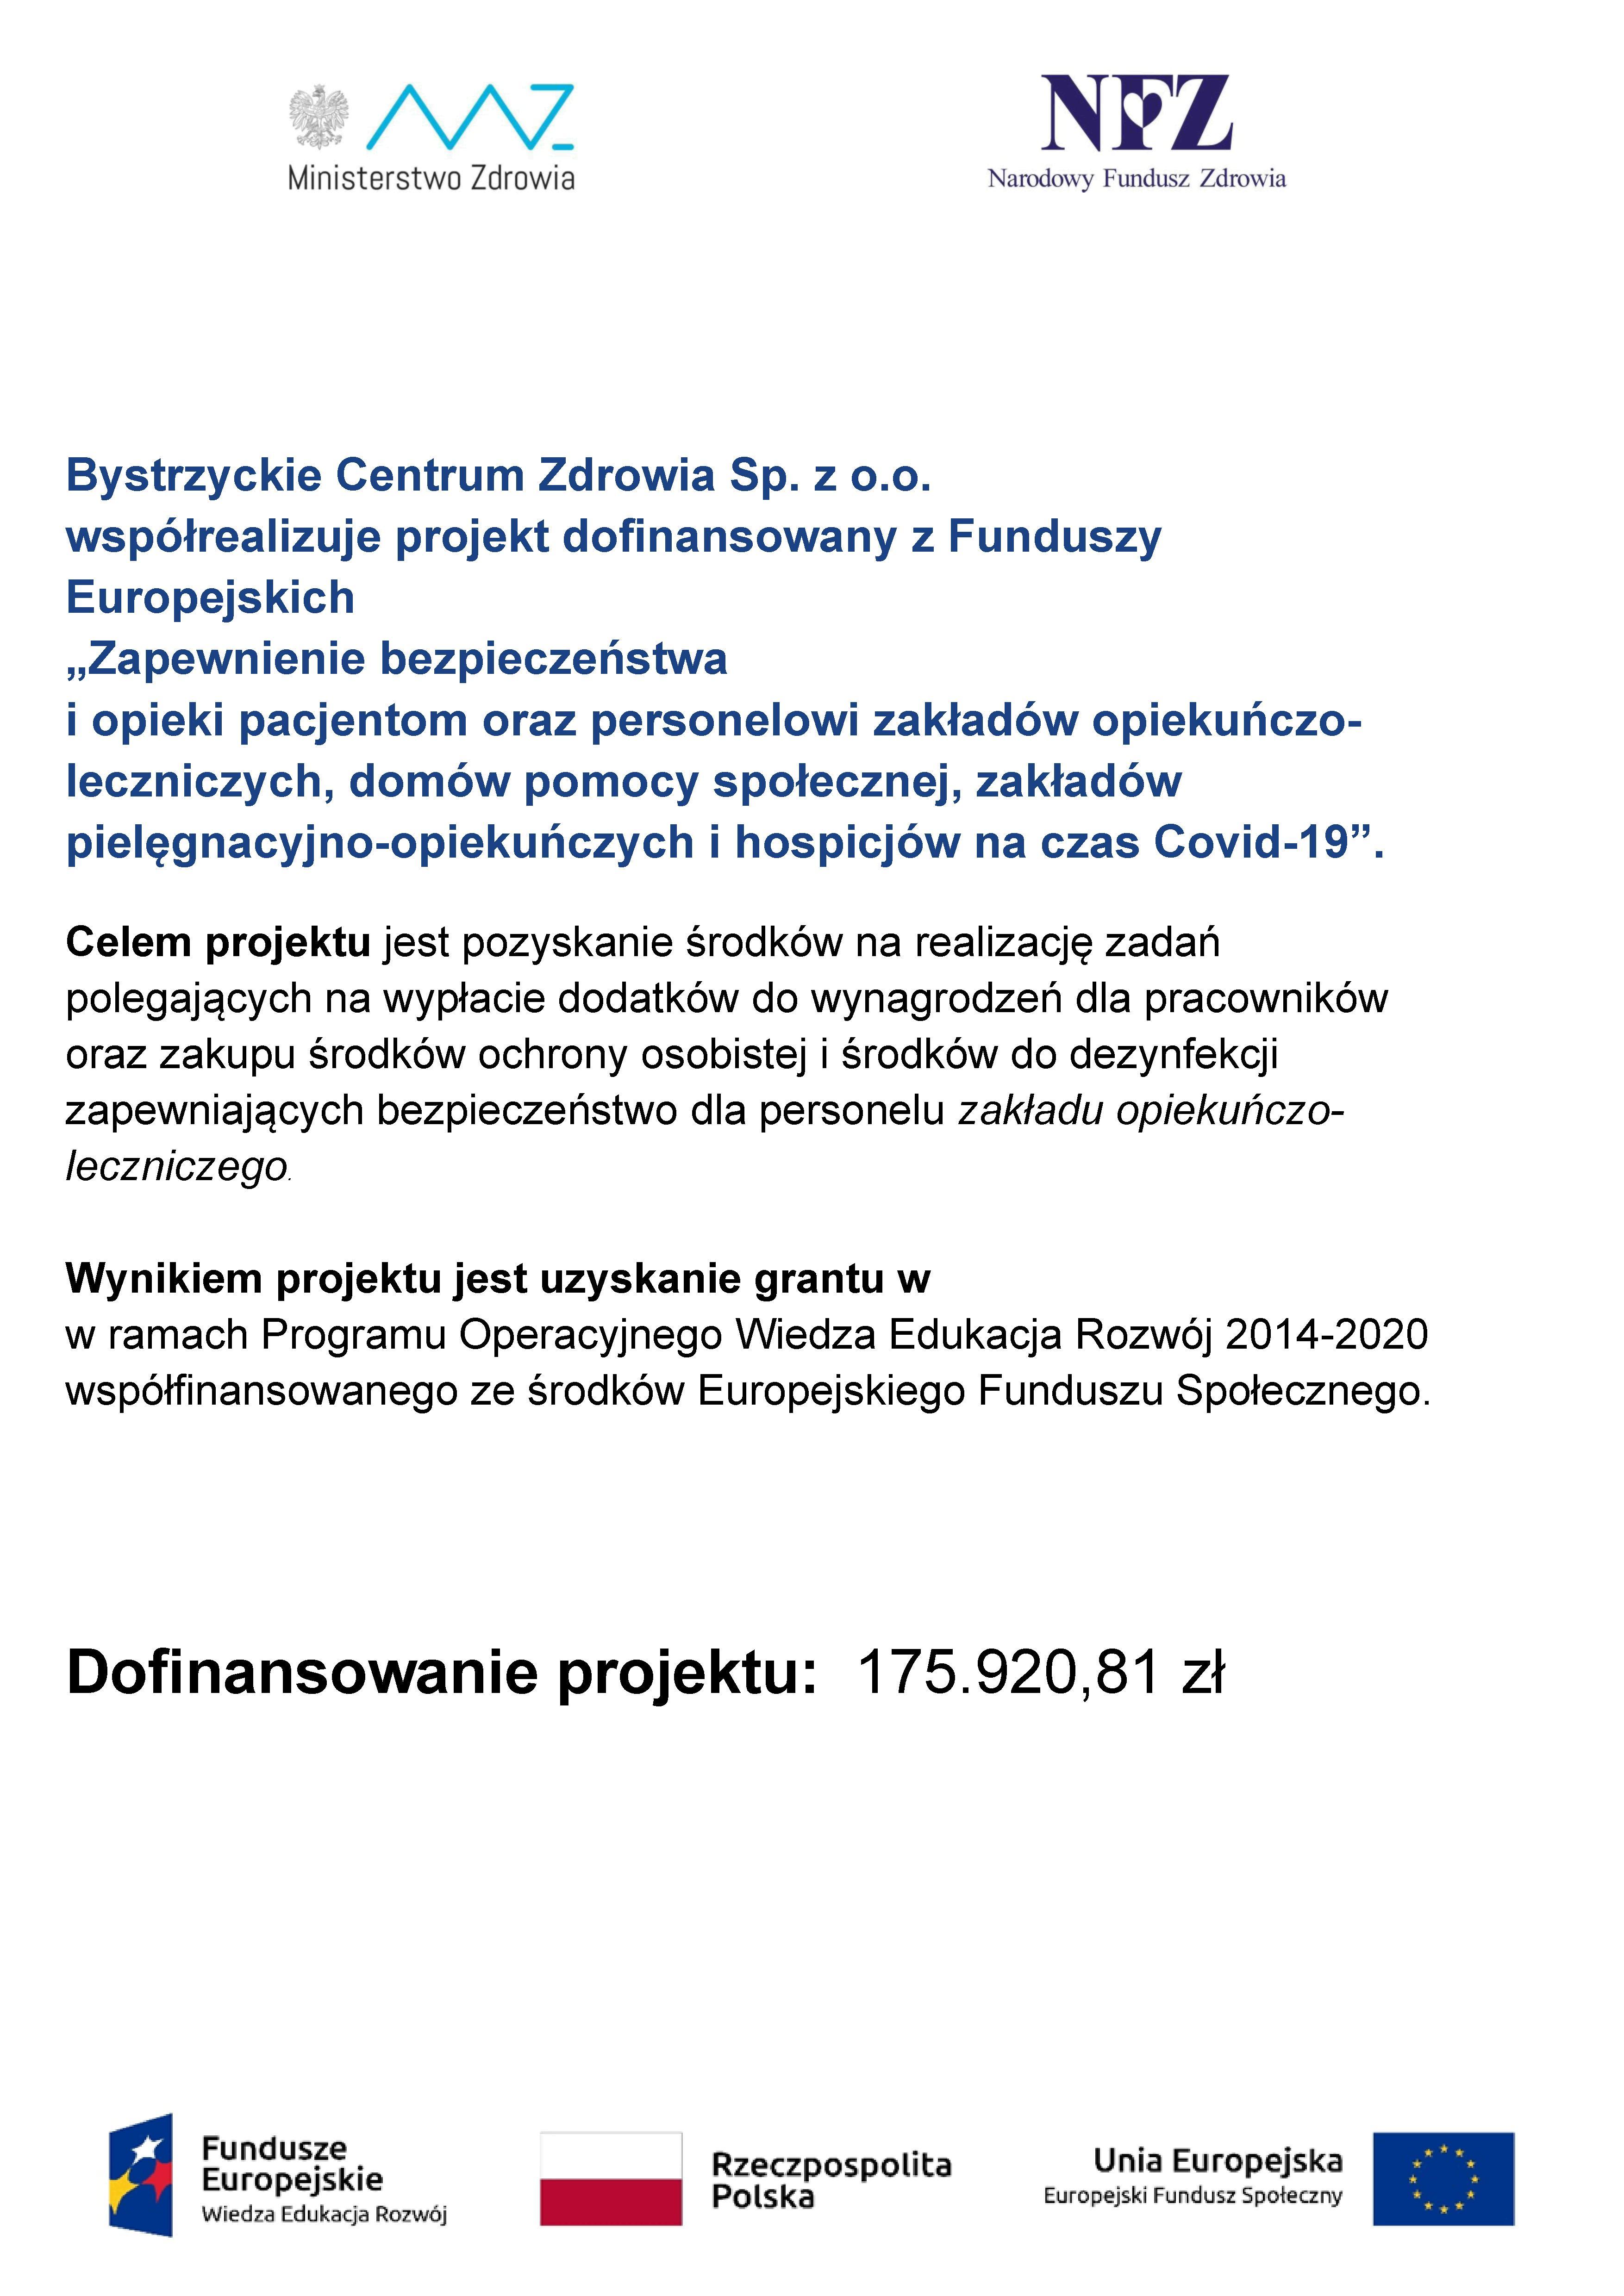 NFZ i Ministerstwo Zdrowiajpg